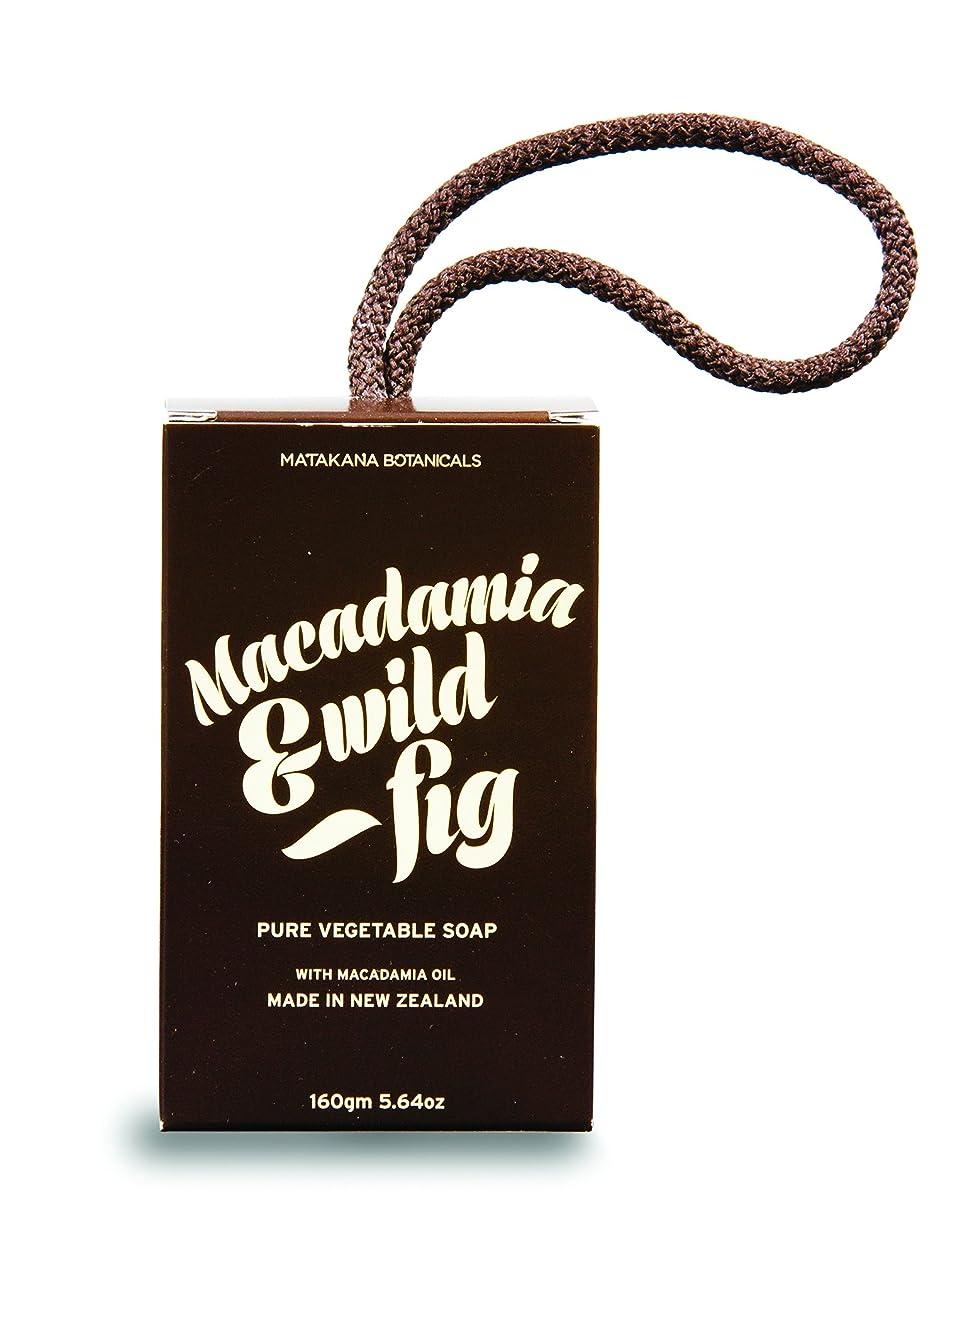 ファントムオープナー使い込むMB(マタカナボタニカルズ) マカダミア&ワイルドフィグ ピュアベジタブルソープ